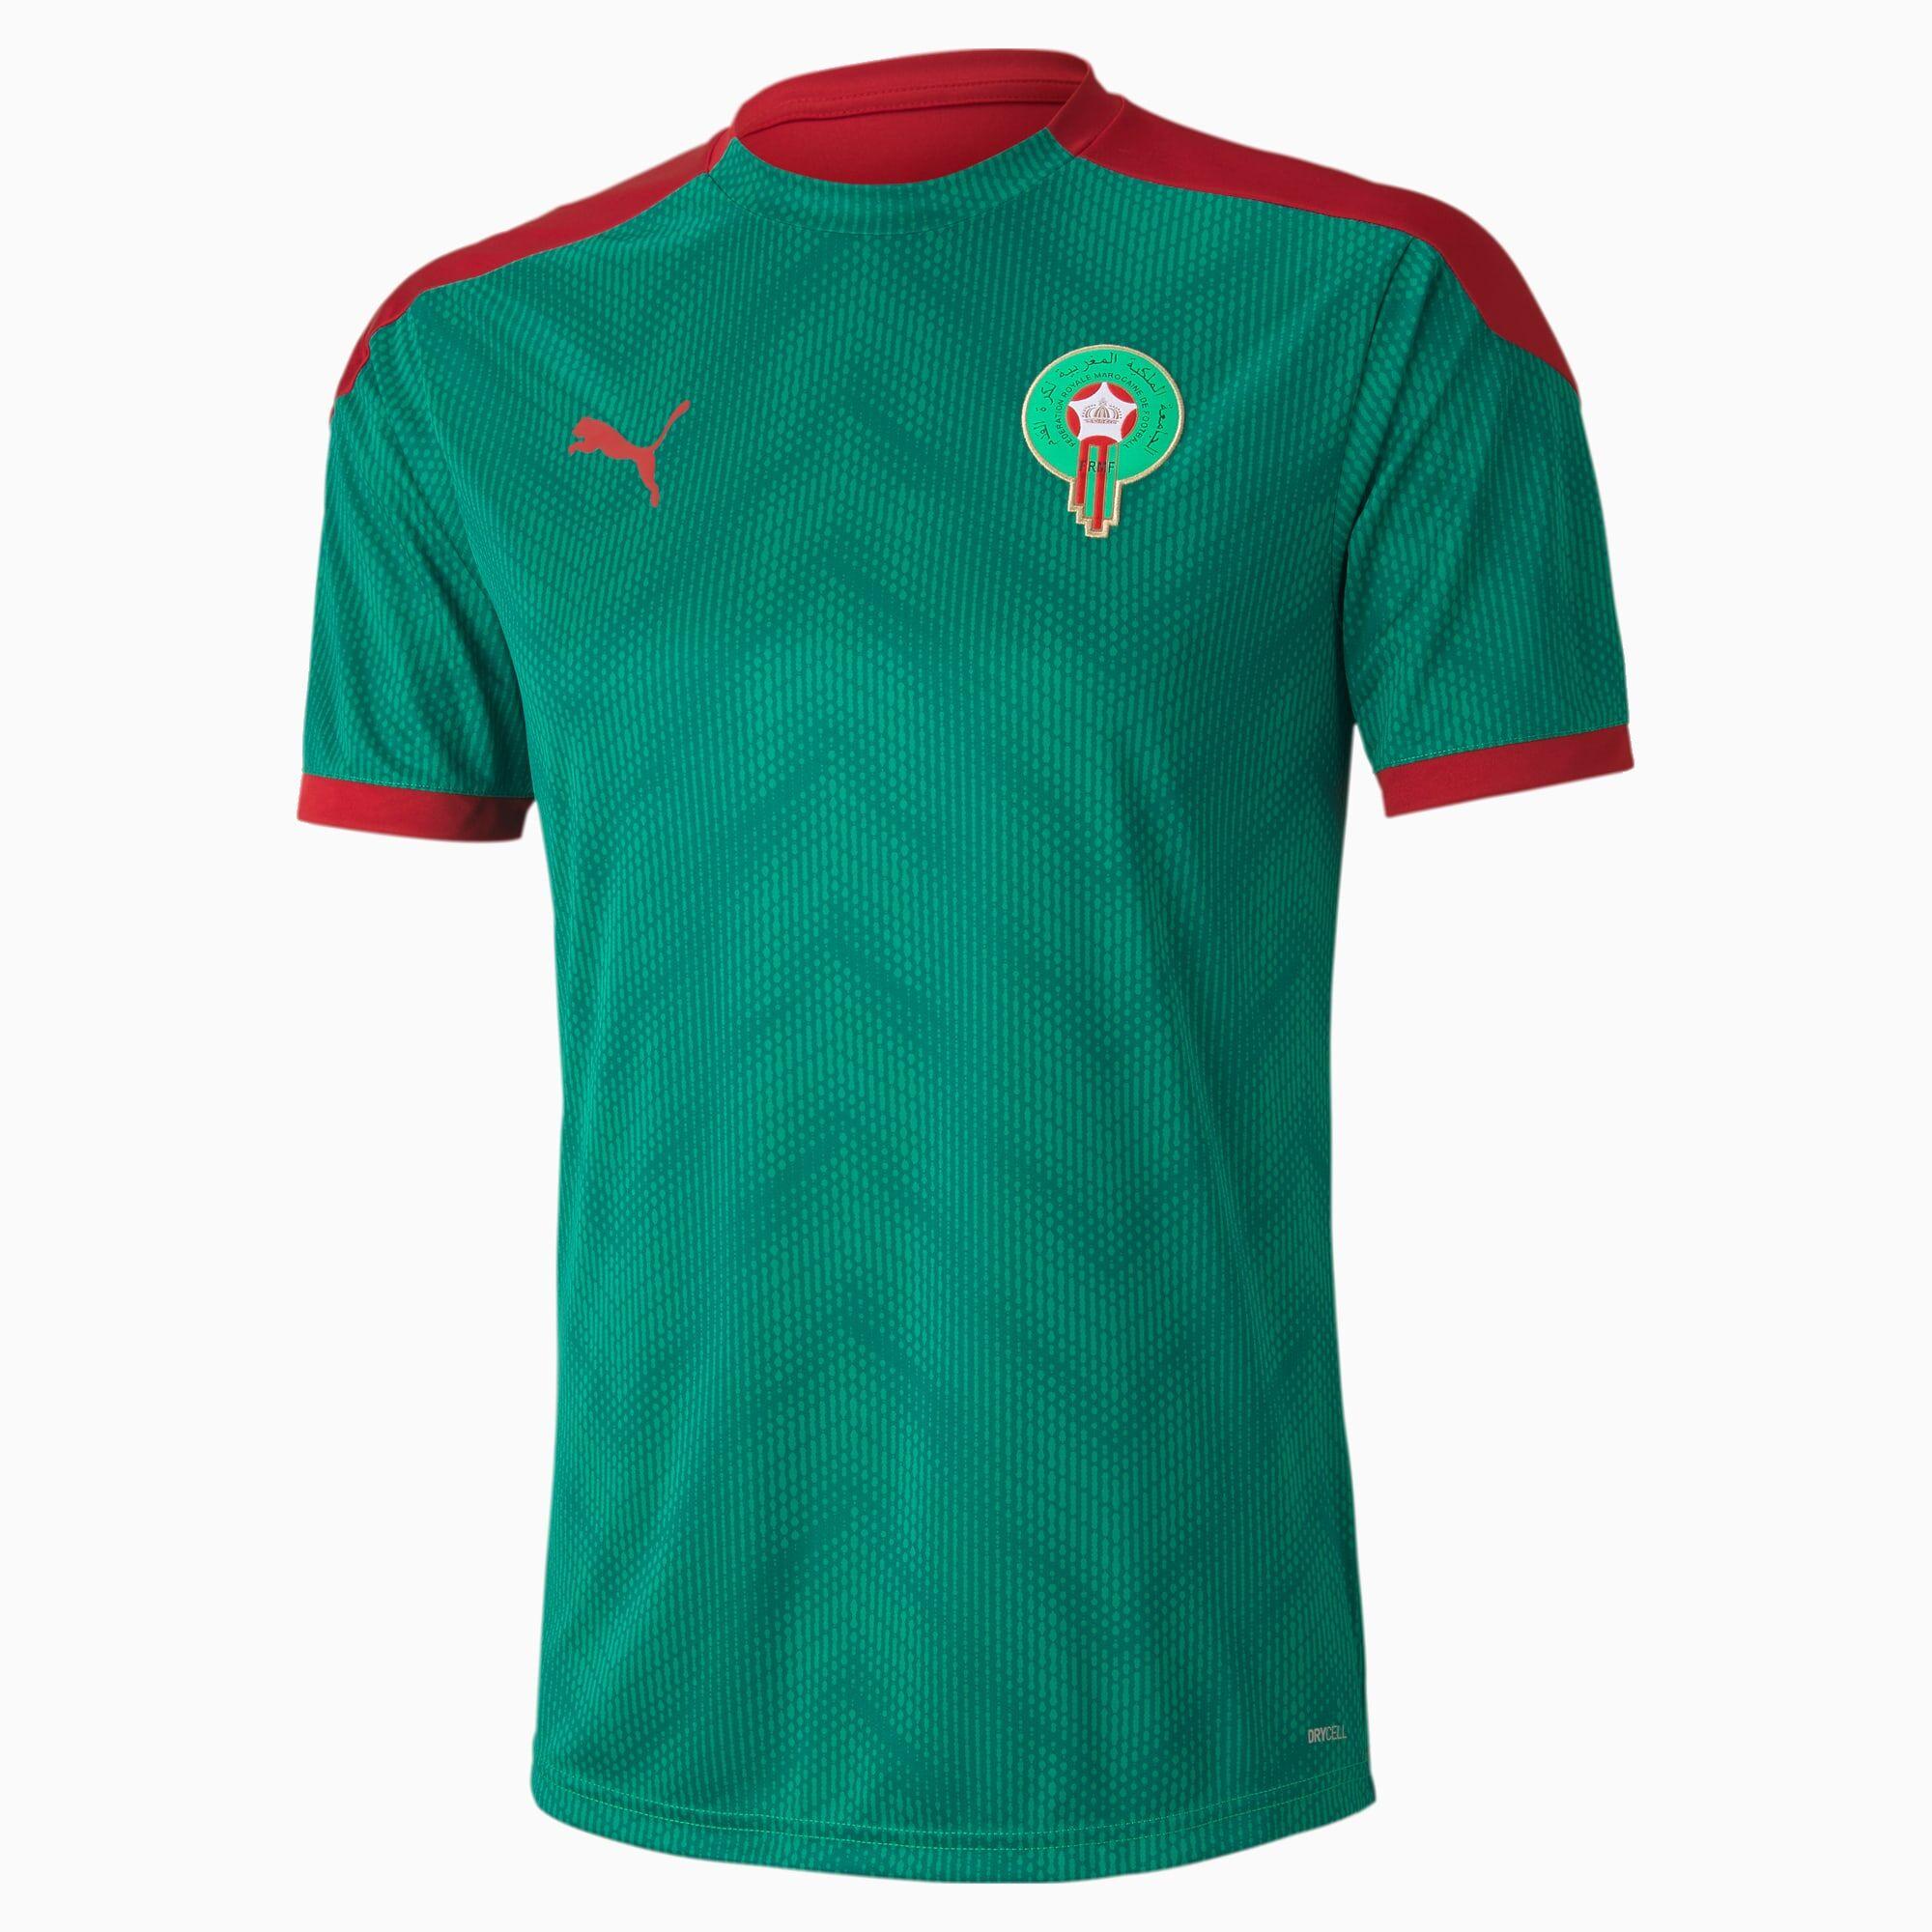 PUMA Maillot Stadium Maroc pour Homme, Vert/Rouge, Taille S, Vêtements